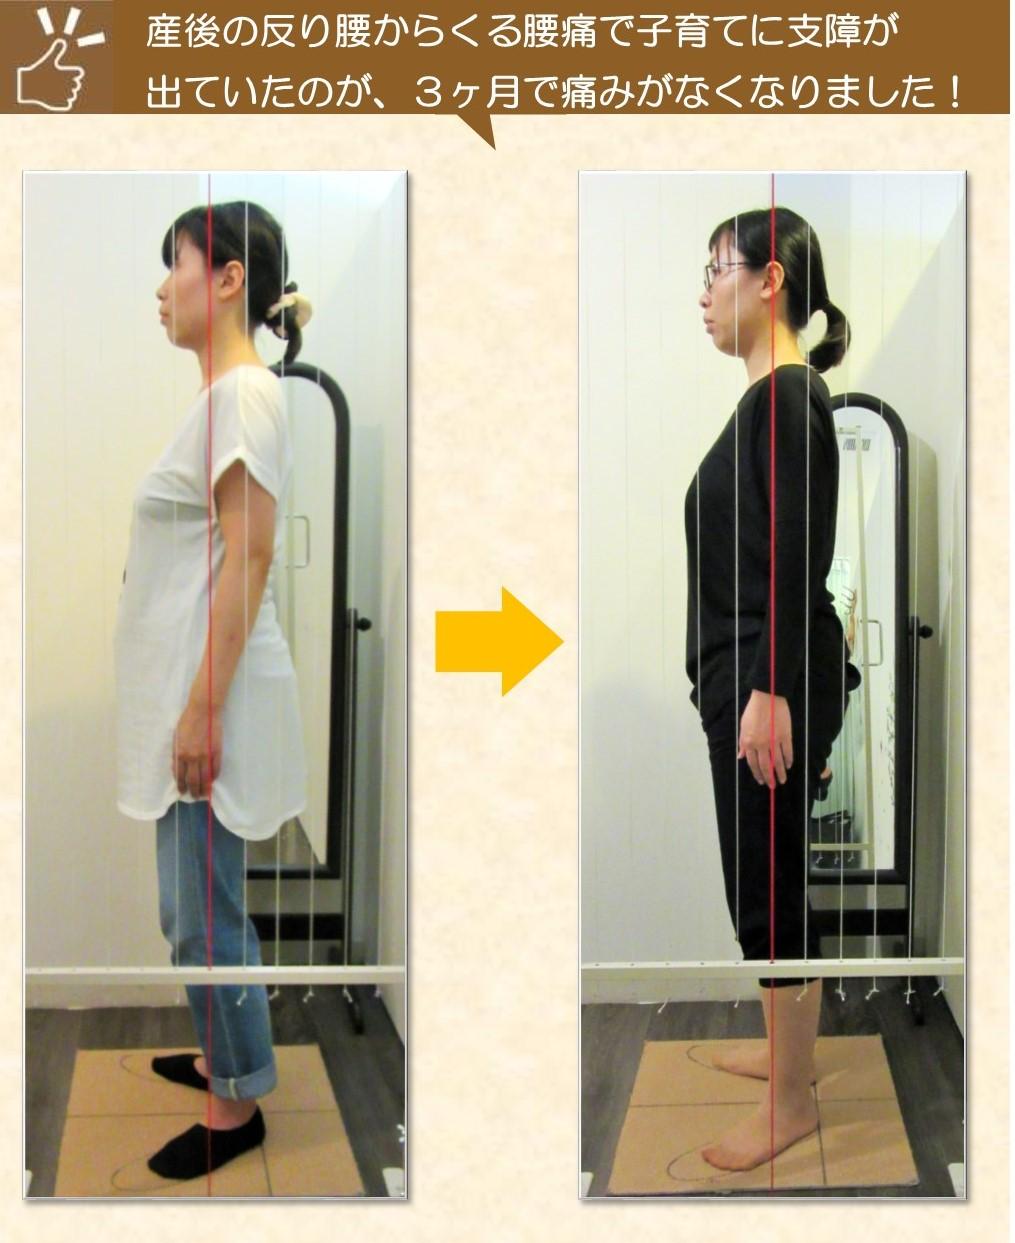 産後の反り腰、腰痛が改善